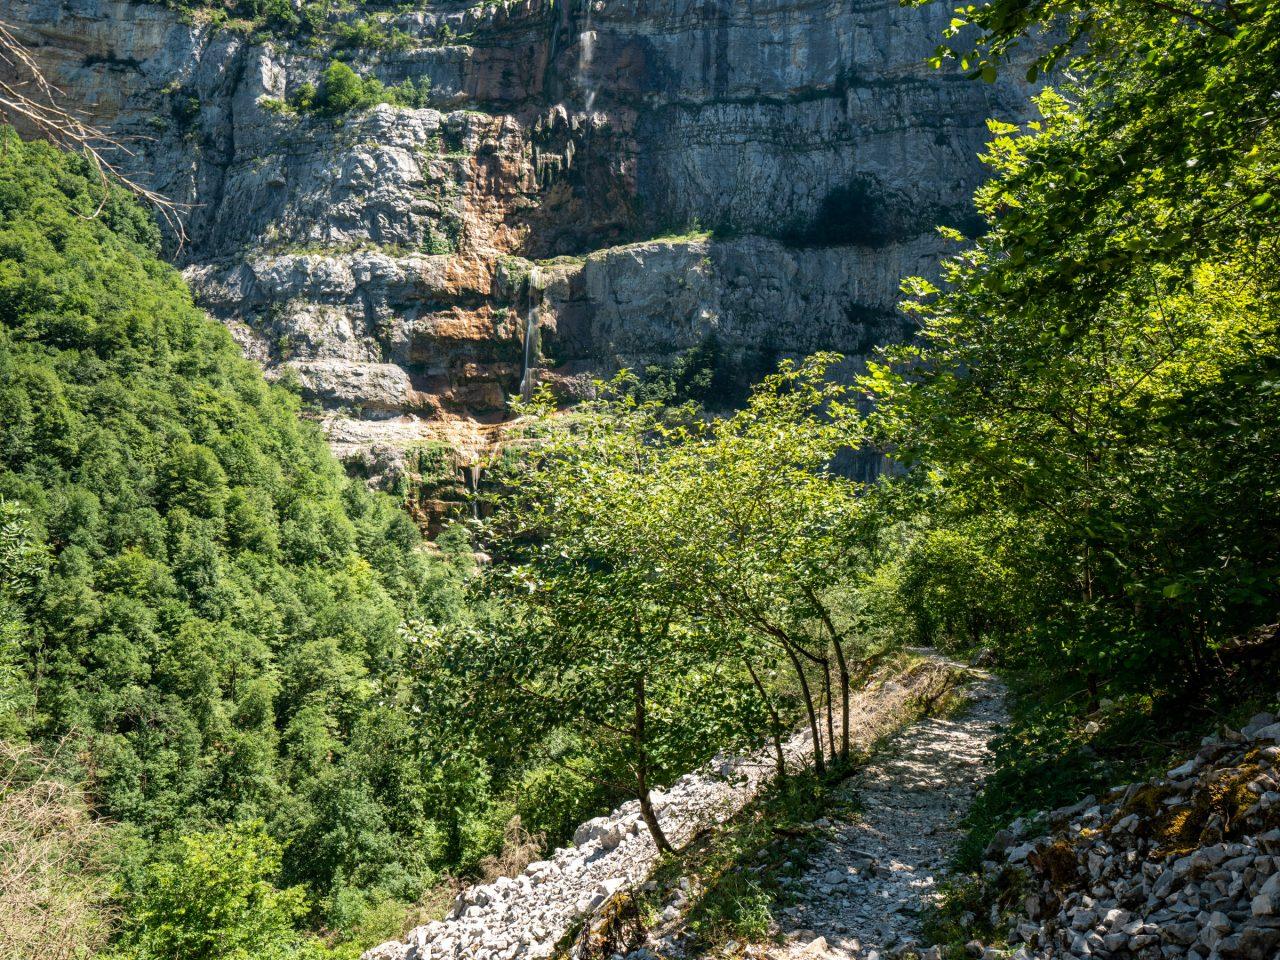 Grotte de Bournillon